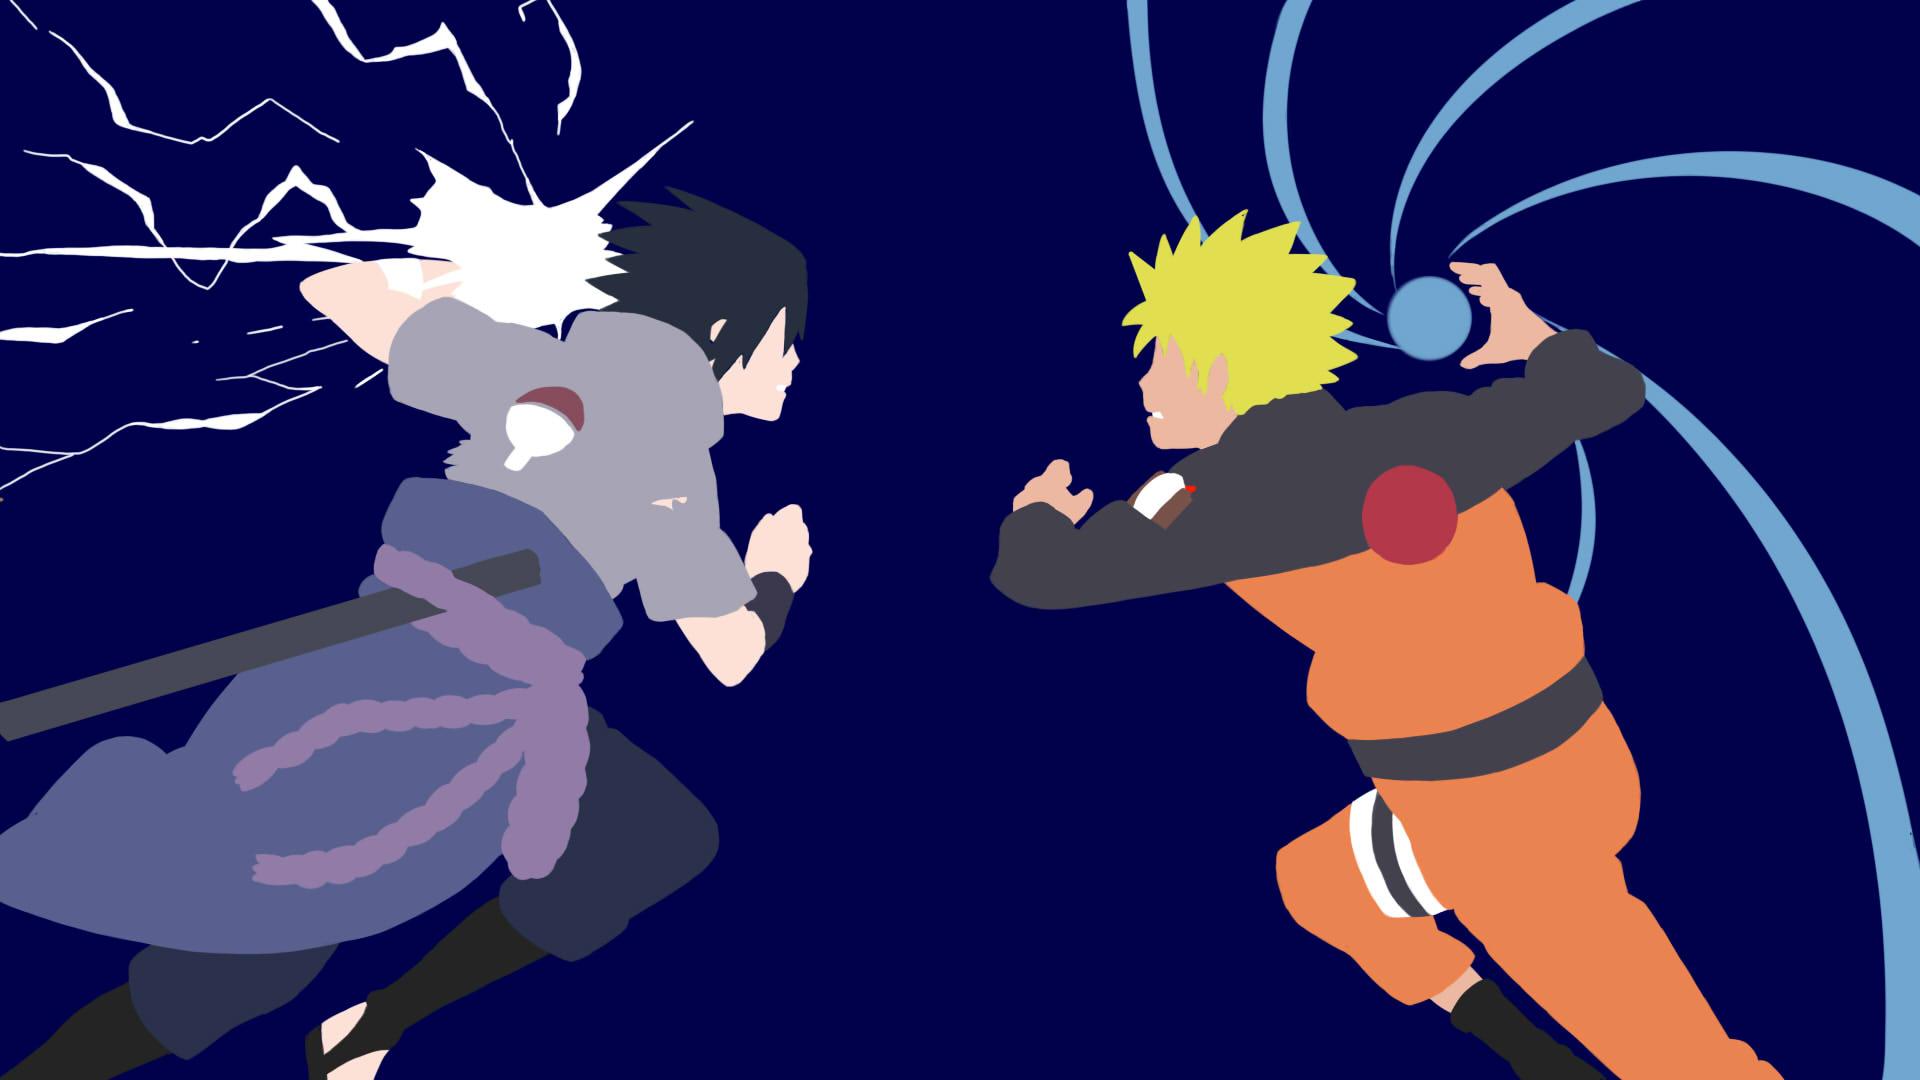 Naruto And Sasuke Drawing At Getdrawings Free Download